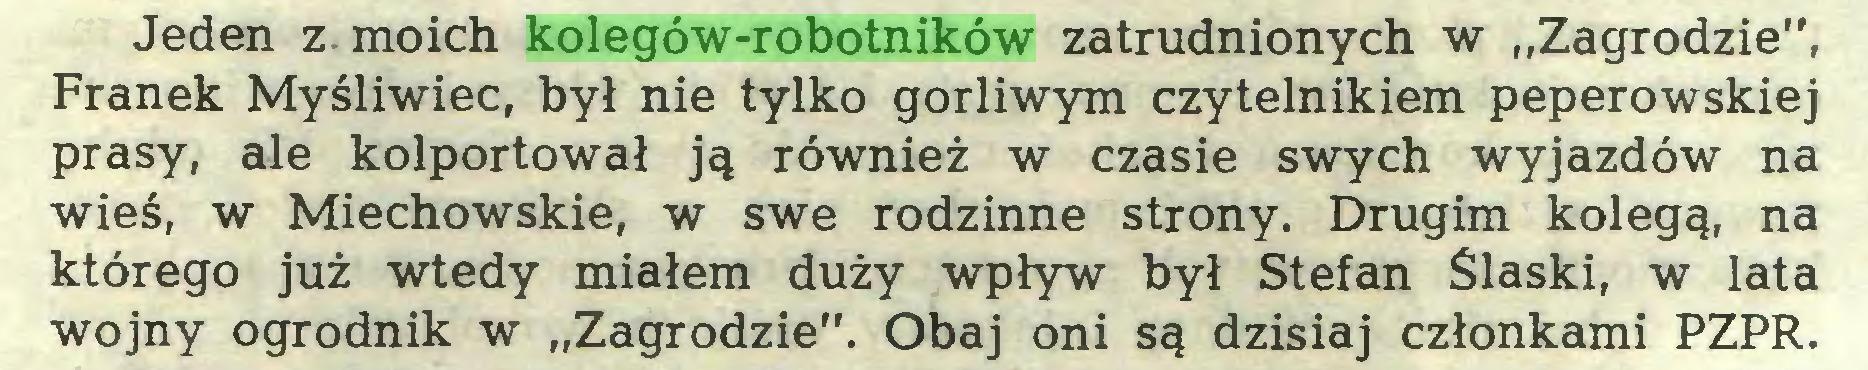 """(...) Jeden z moich kolegów-robotników zatrudnionych w """"Zagrodzie"""", Franek Myśliwiec, był nie tylko gorliwym czytelnikiem peperowskiej prasy, ale kolportował ją również w czasie swych wyjazdów na wieś, w Miechowskie, w swe rodzinne strony. Drugim kolegą, na którego już wtedy miałem duży wpływ był Stefan Śląski, w lata wojny ogrodnik w """"Zagrodzie"""". Obaj oni są dzisiaj członkami PZPR..."""